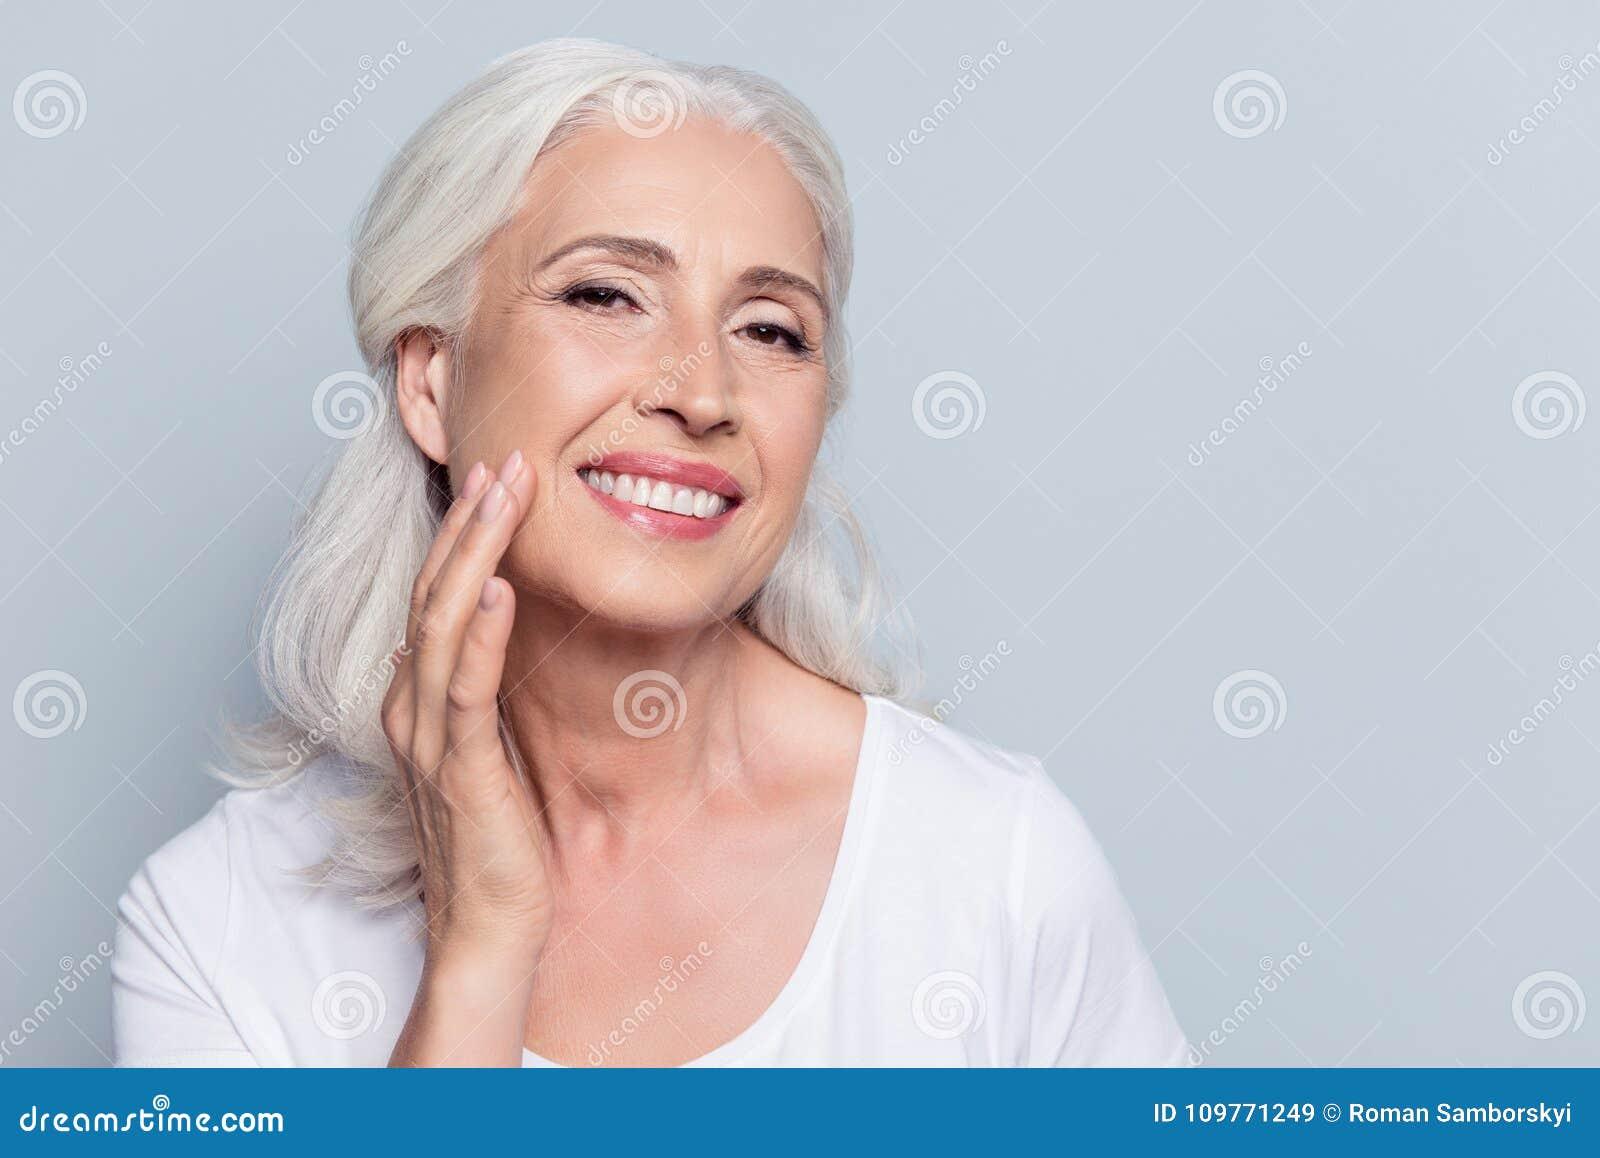 El encantar, bonito, mujer mayor que toca su piel suave perfecta de la cara